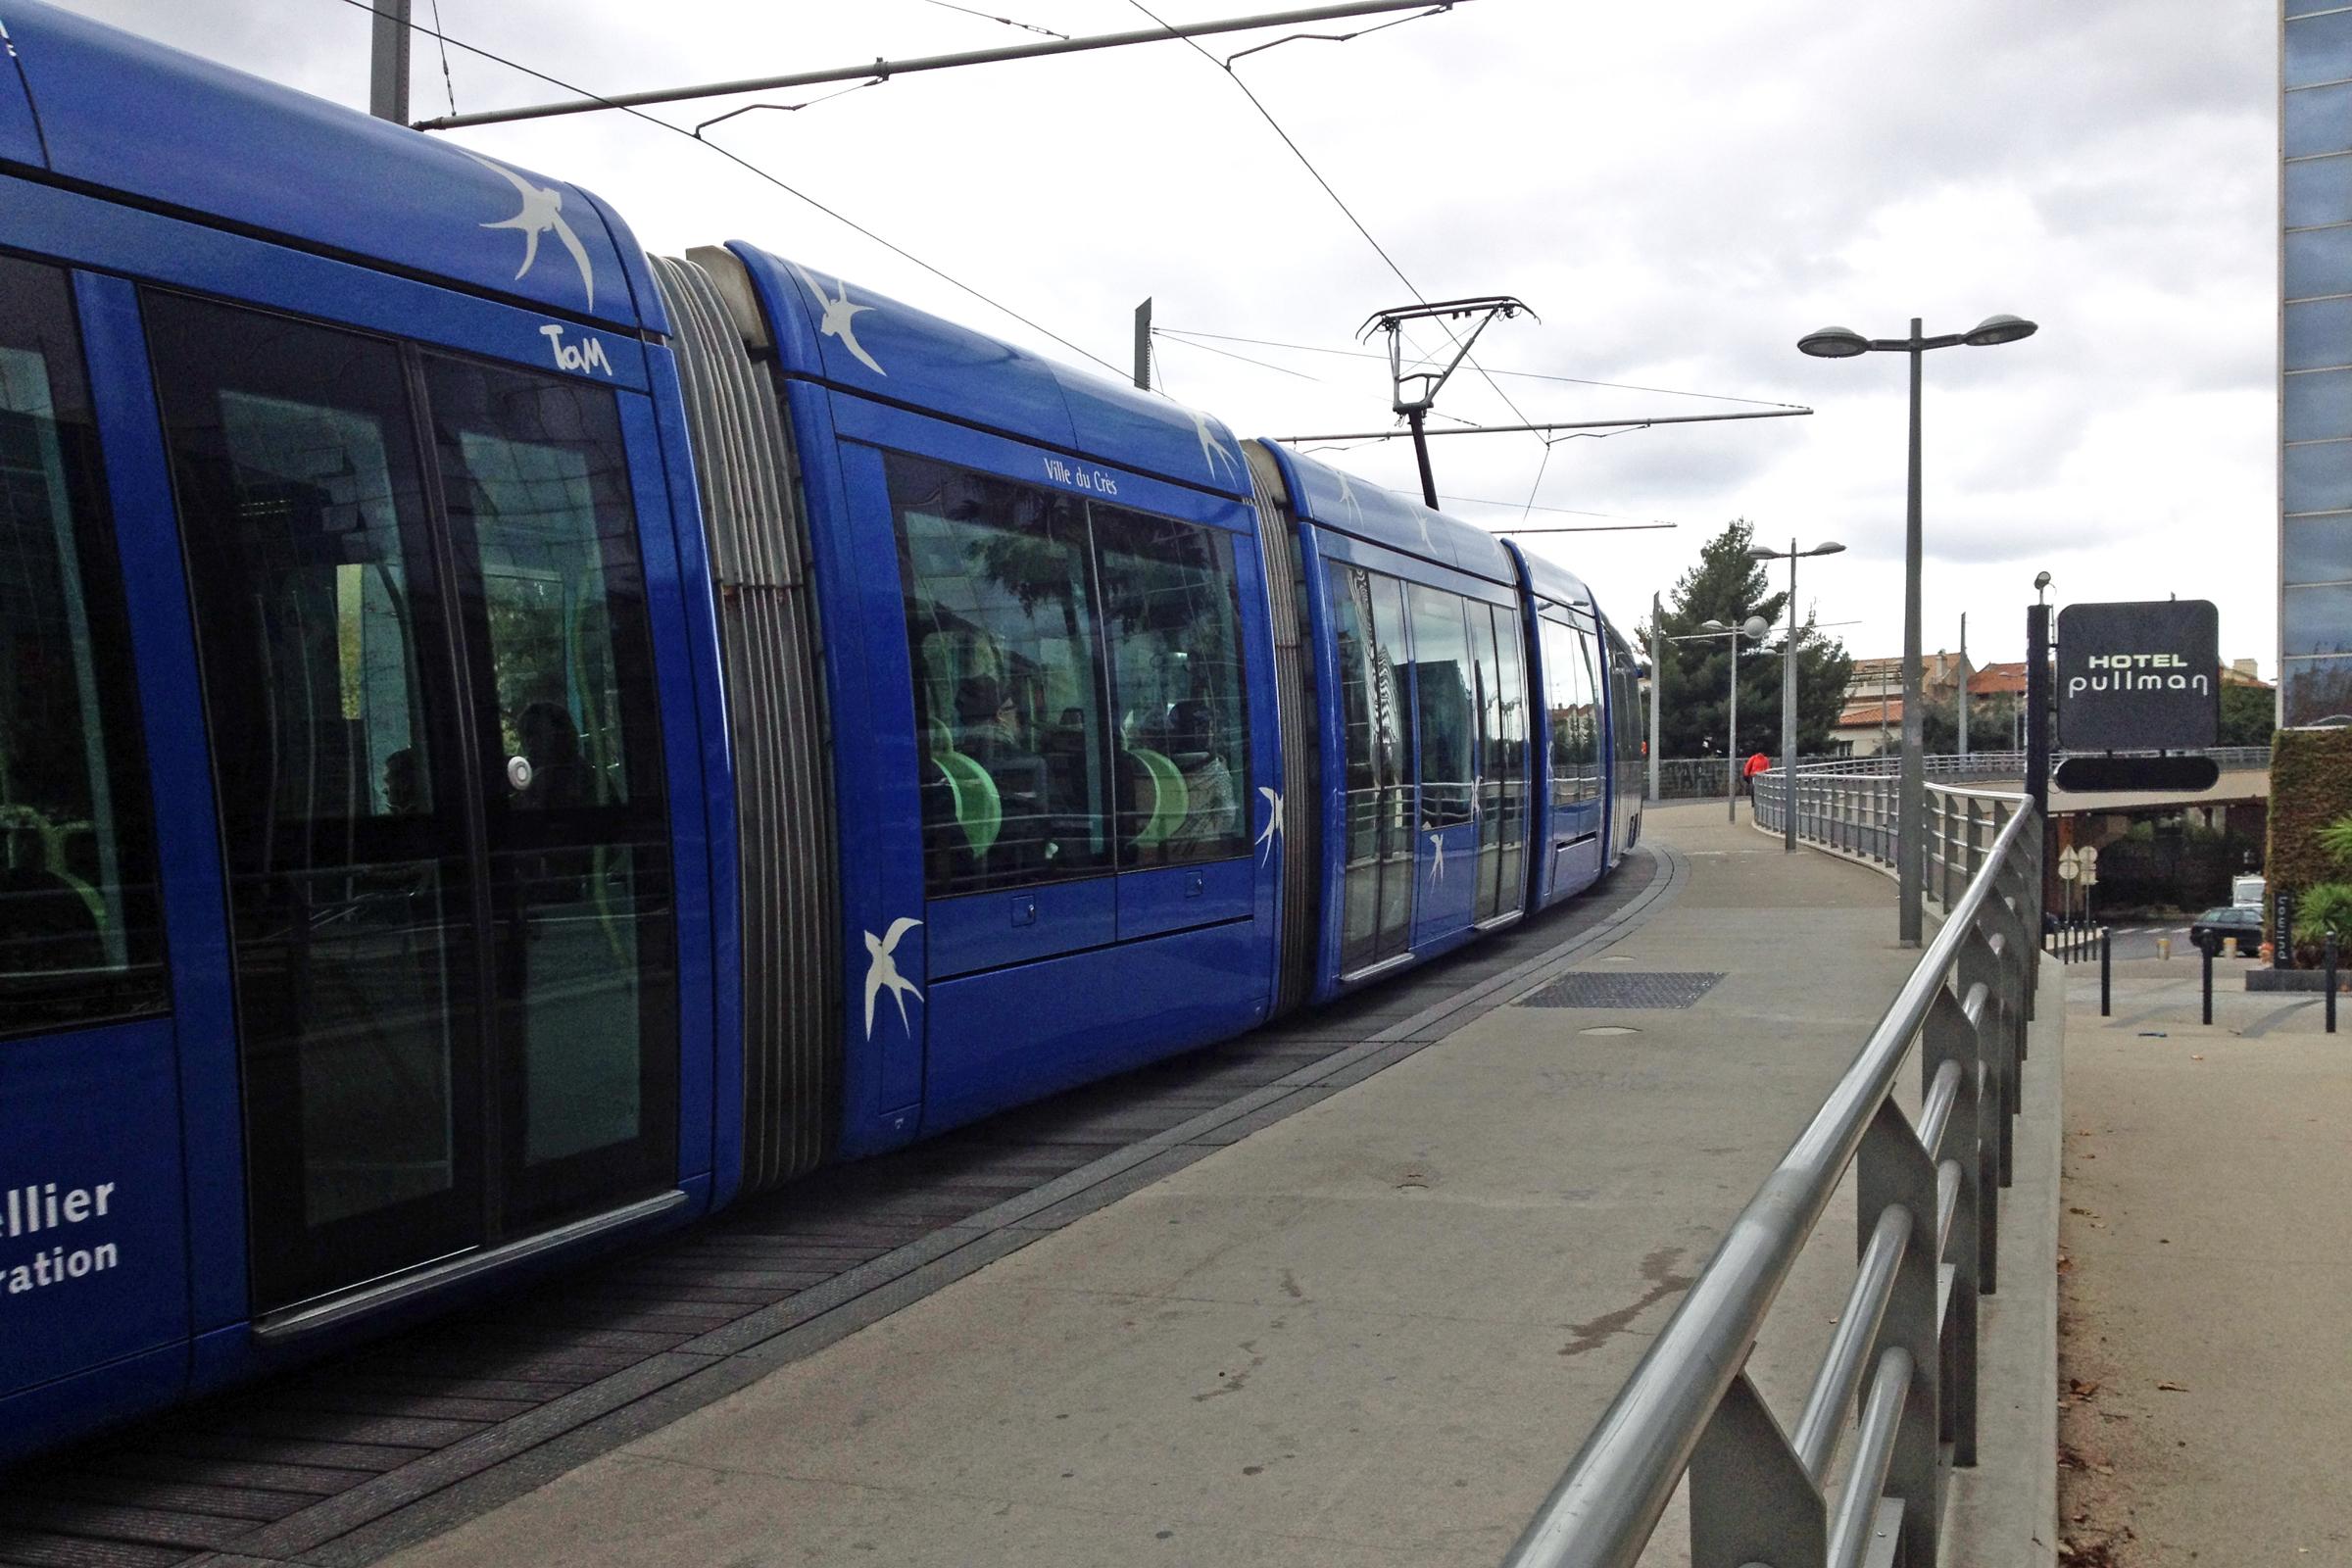 Montpellier Tram Line File:tram Montpellier 11 2013